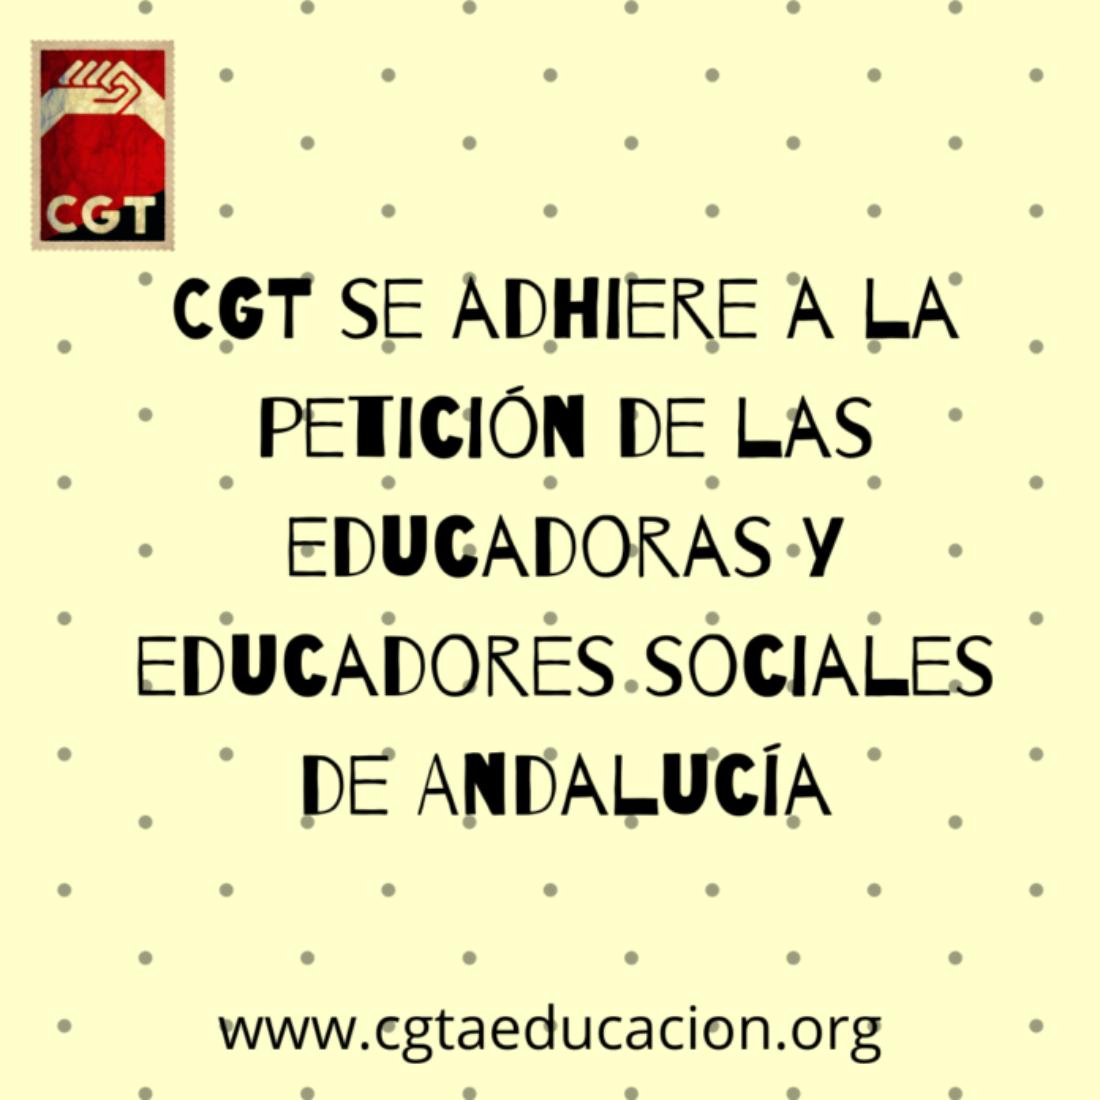 CGT se adhiere a la petición de las educadoras y educadores sociales de Andalucía